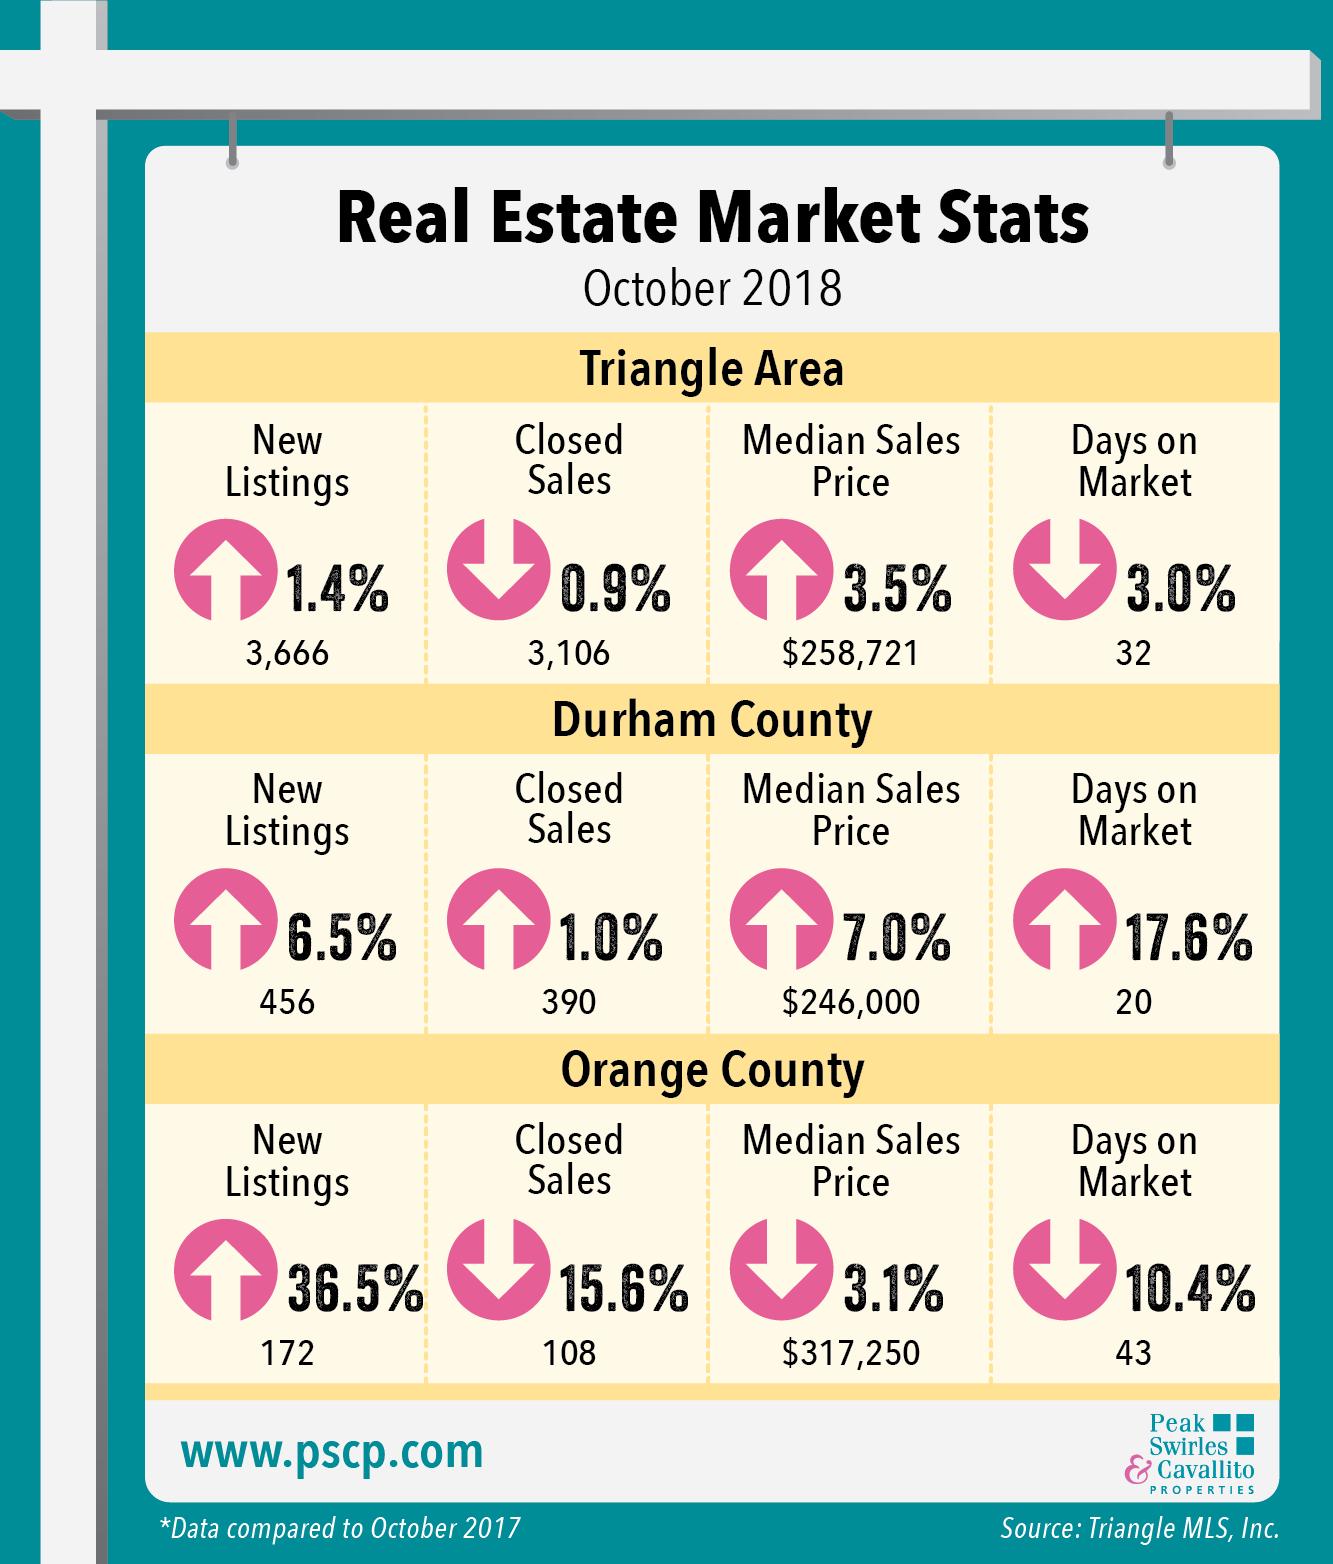 October 2018 Market Indicators